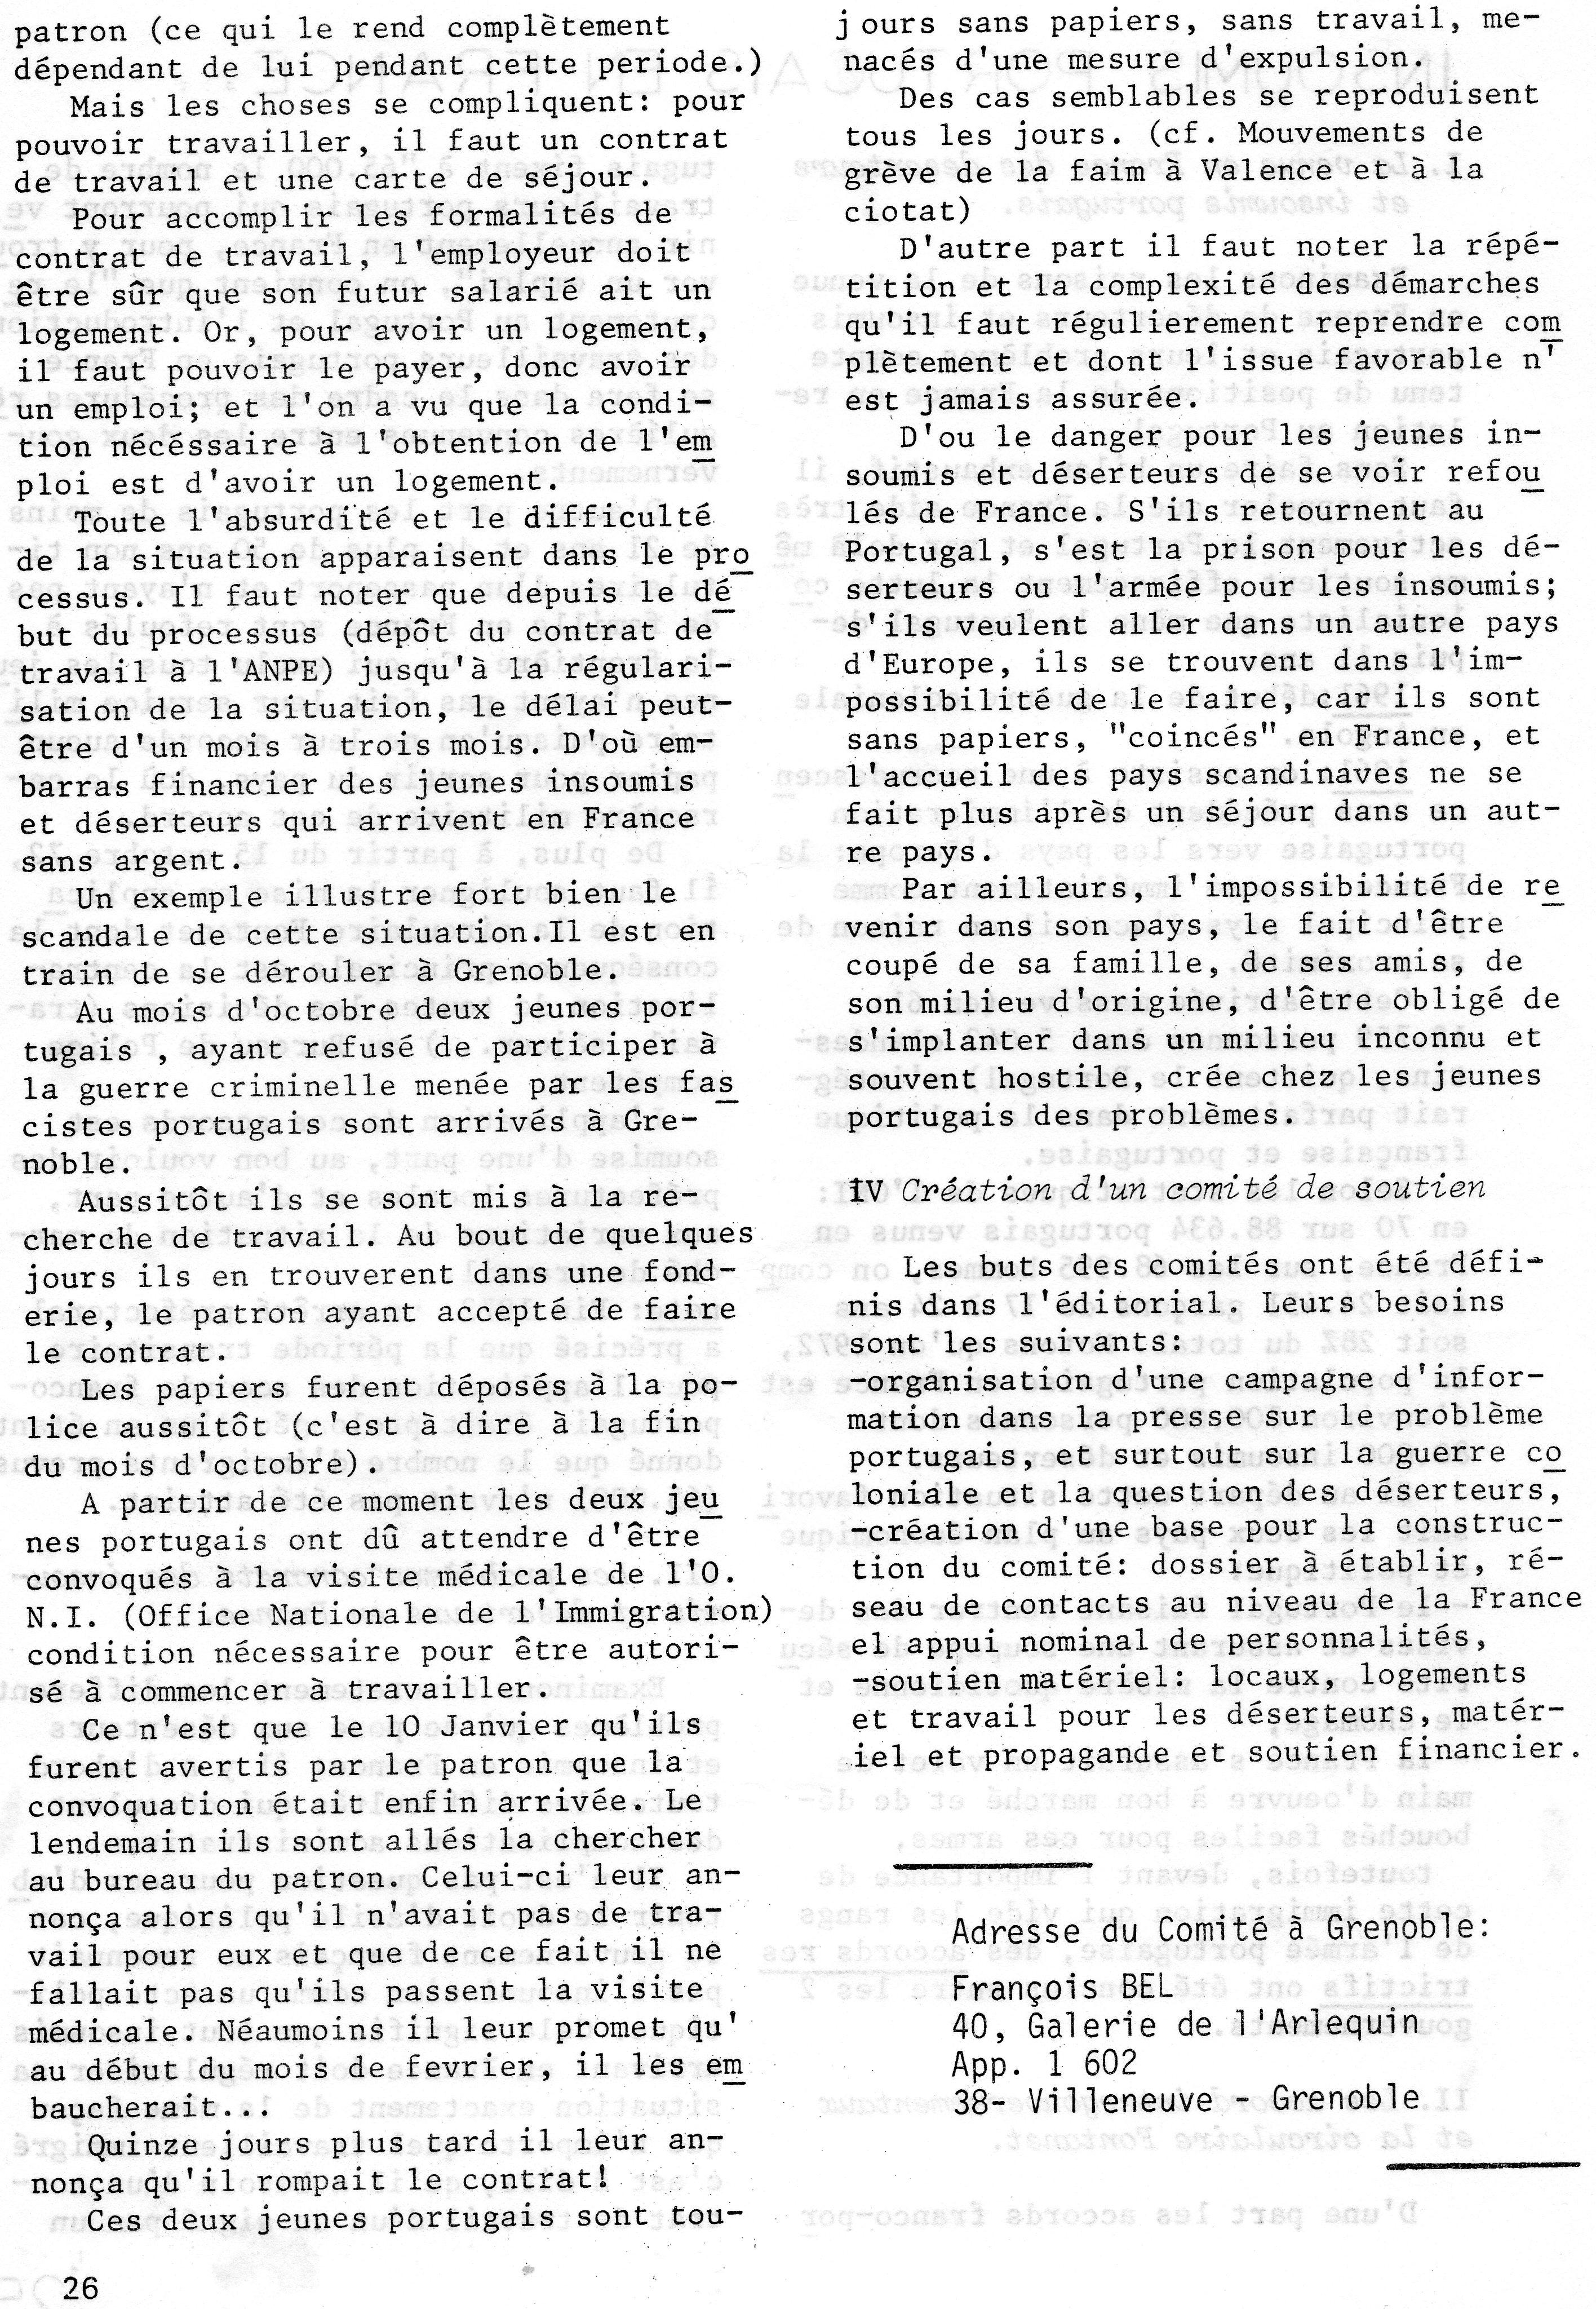 Comité deserteurs_Grenoble pag. 2  –